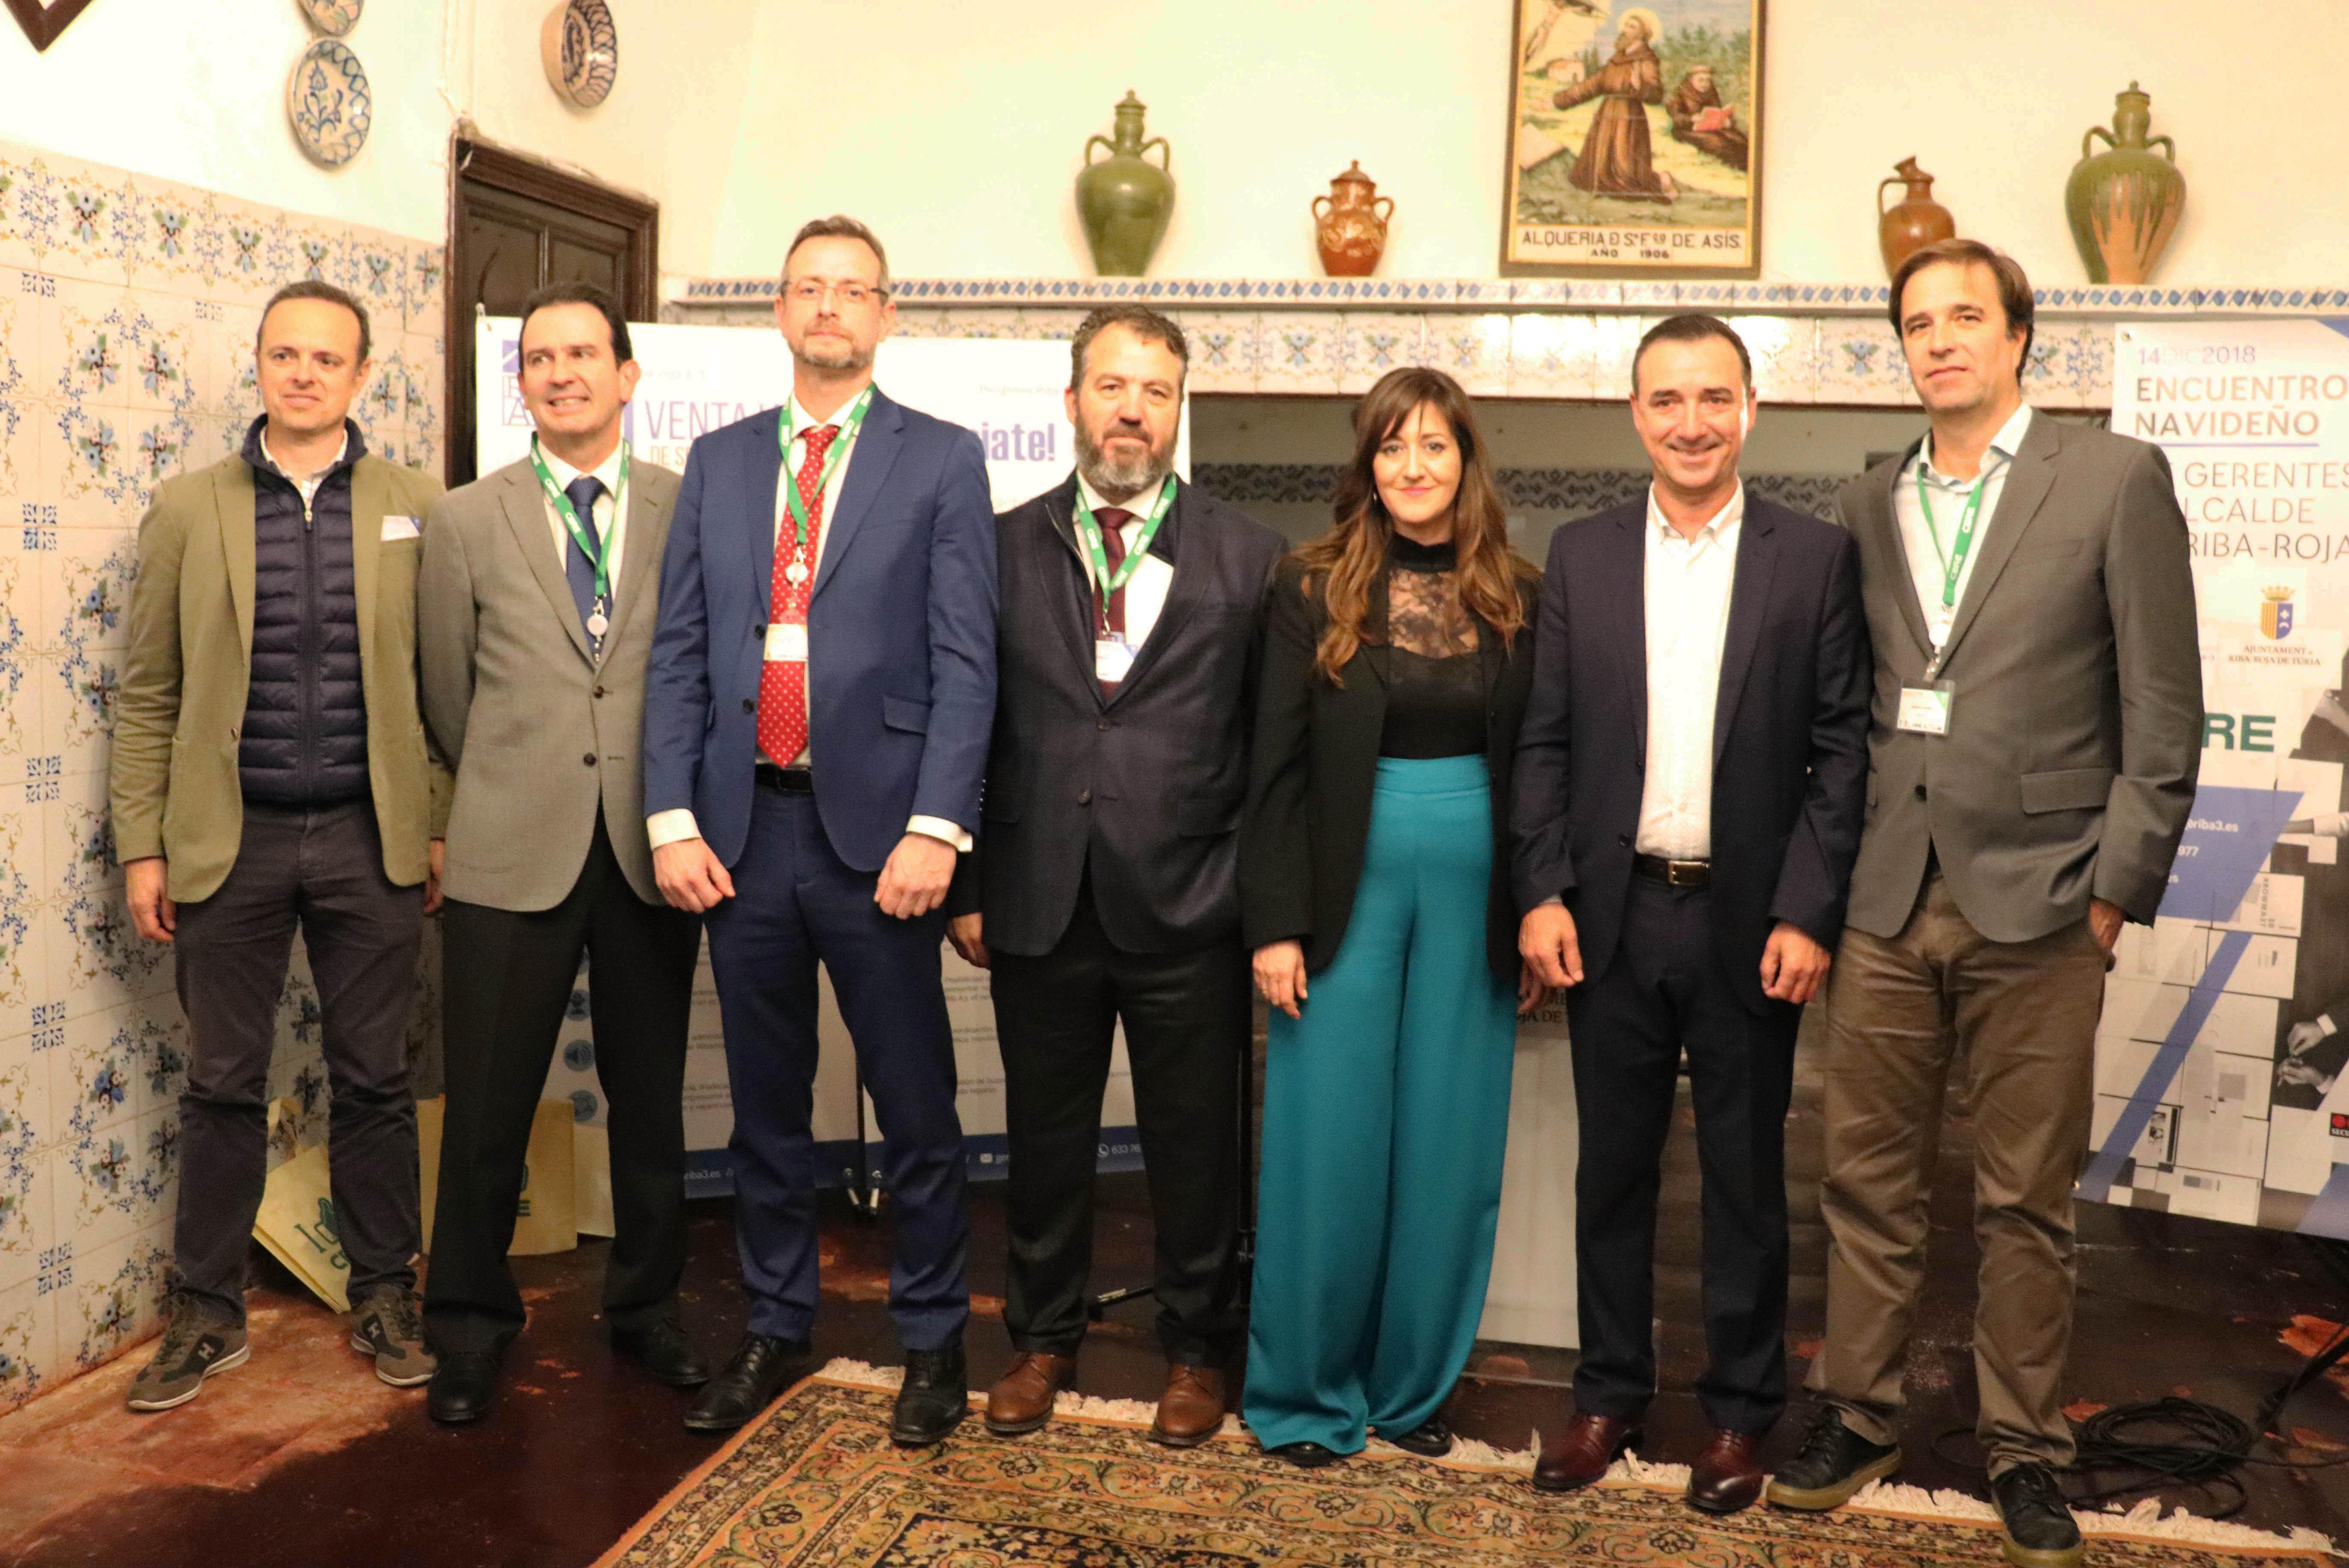 Encuentro Navideño de Gerentes y Alcalde de Riba-roja 2018